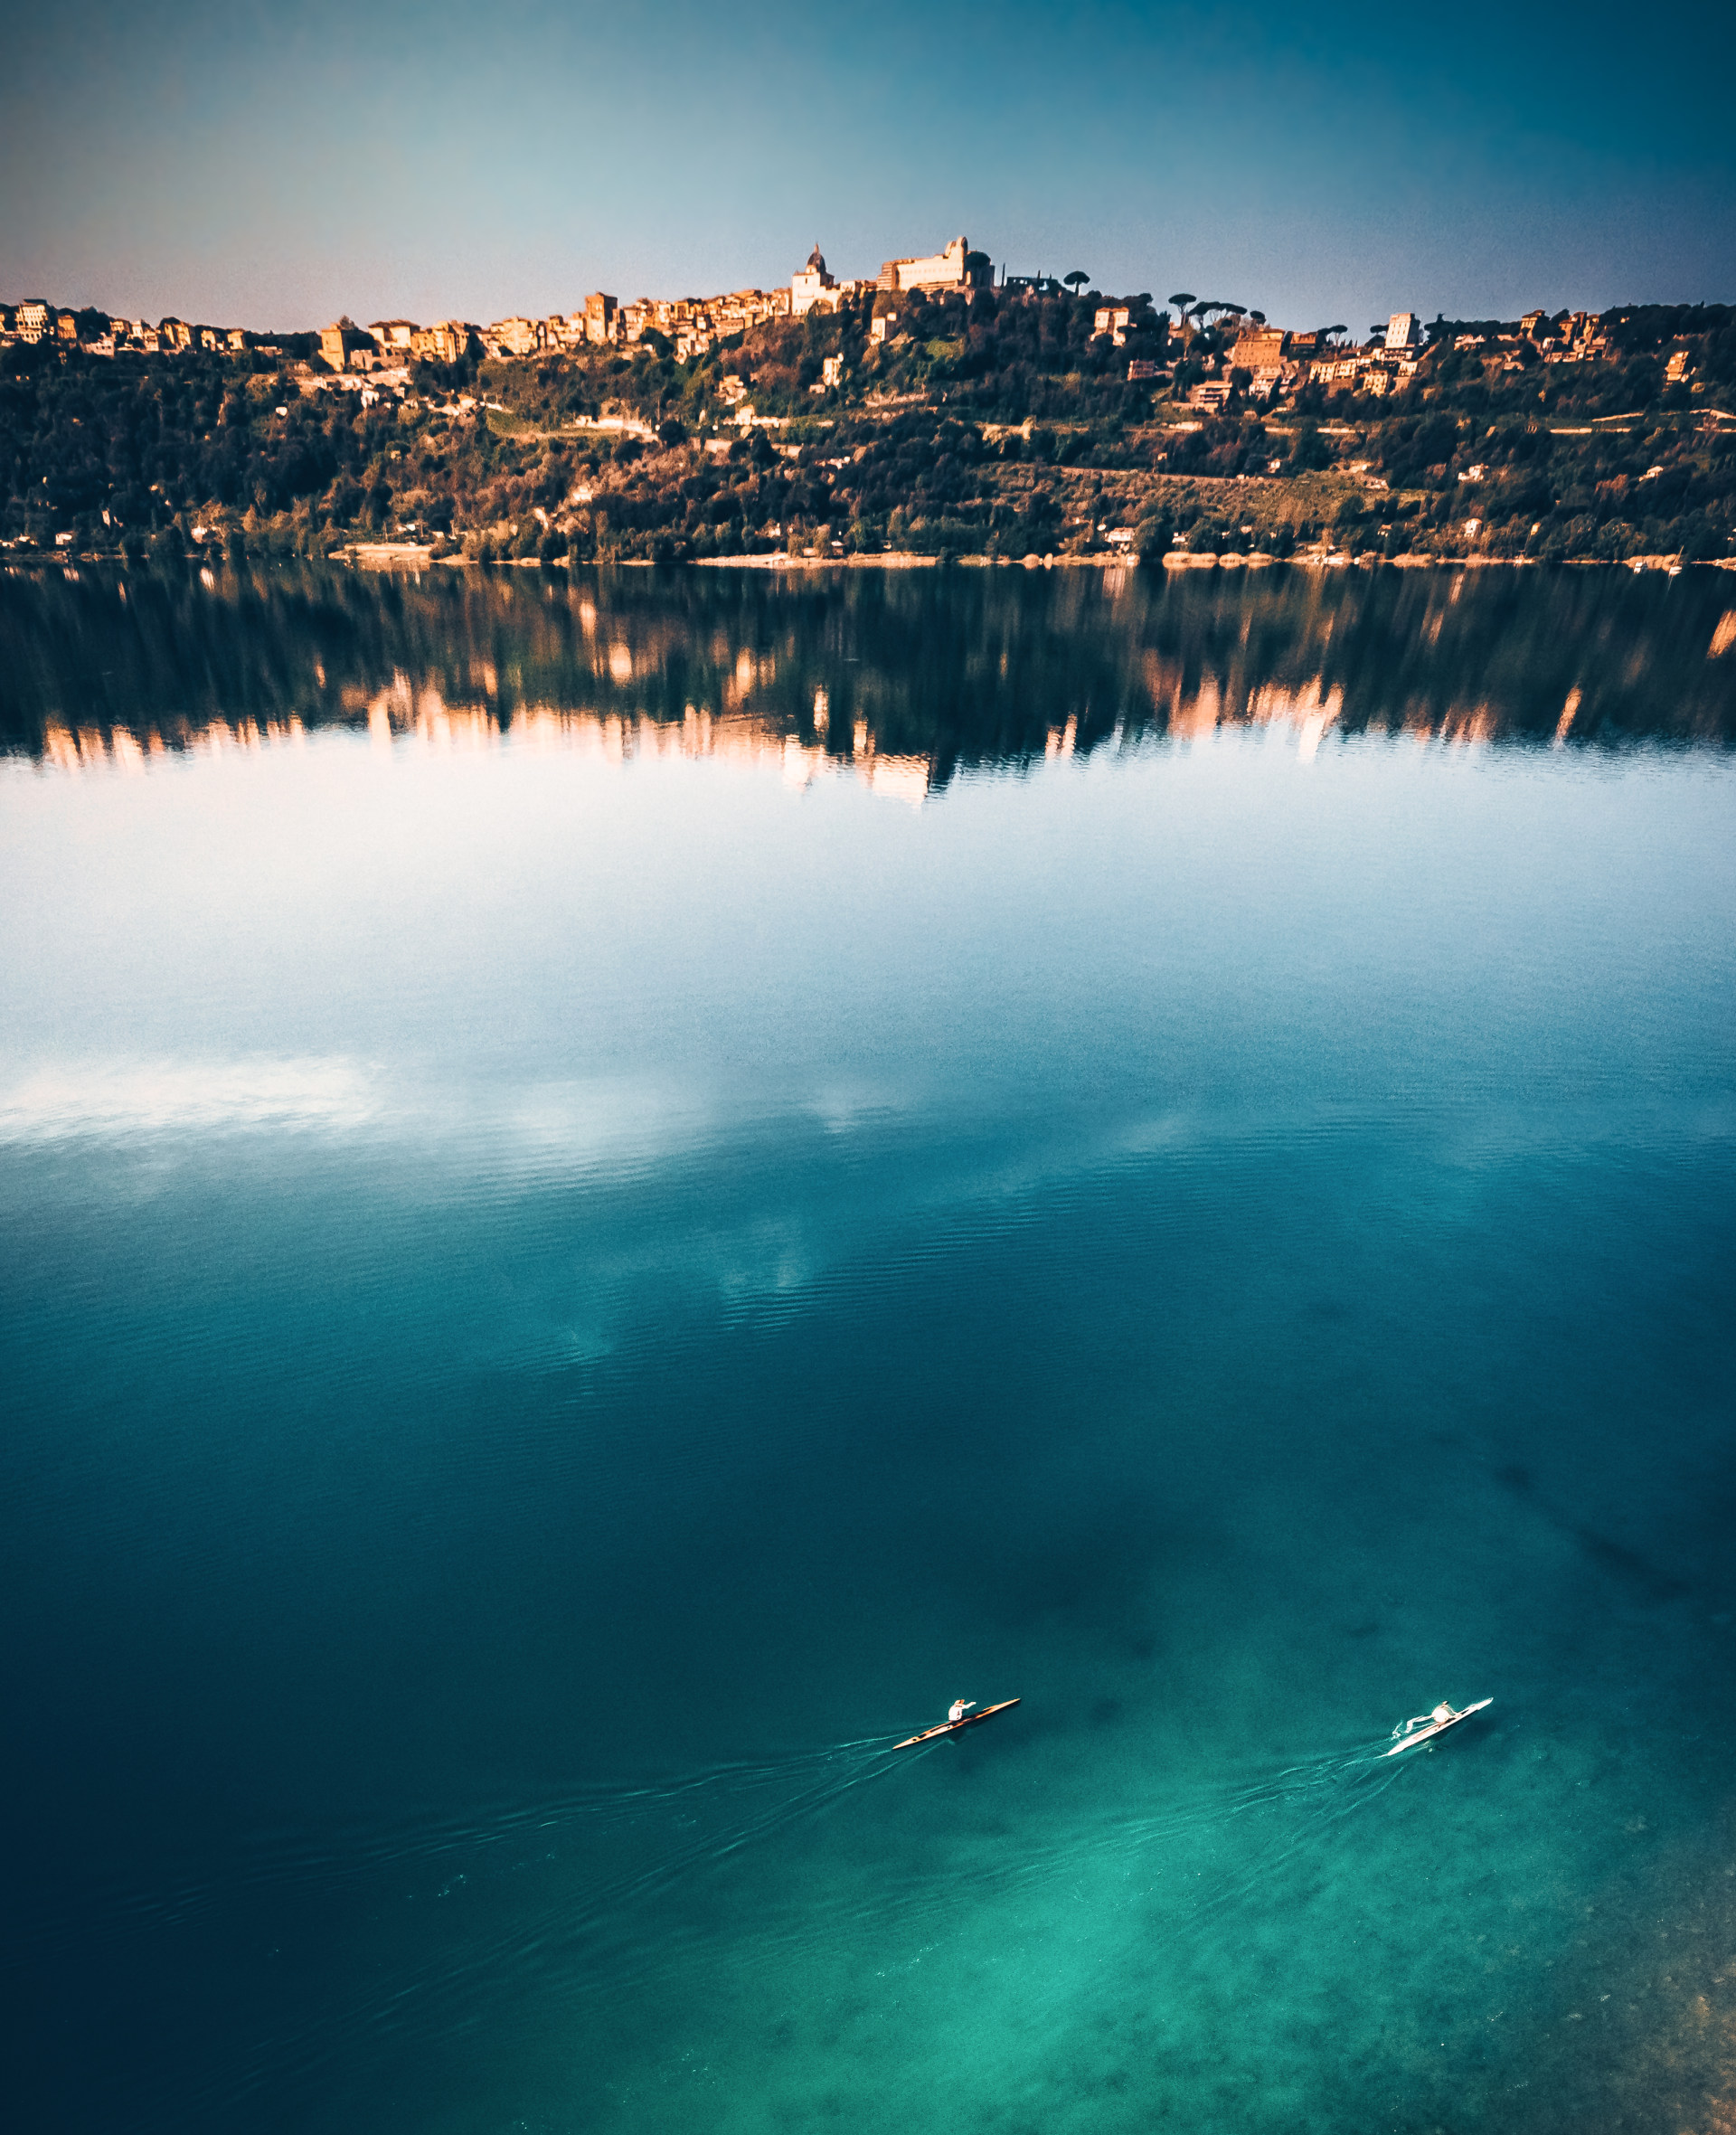 fotografia-aerea-droni-dji-sport-acquatici-8